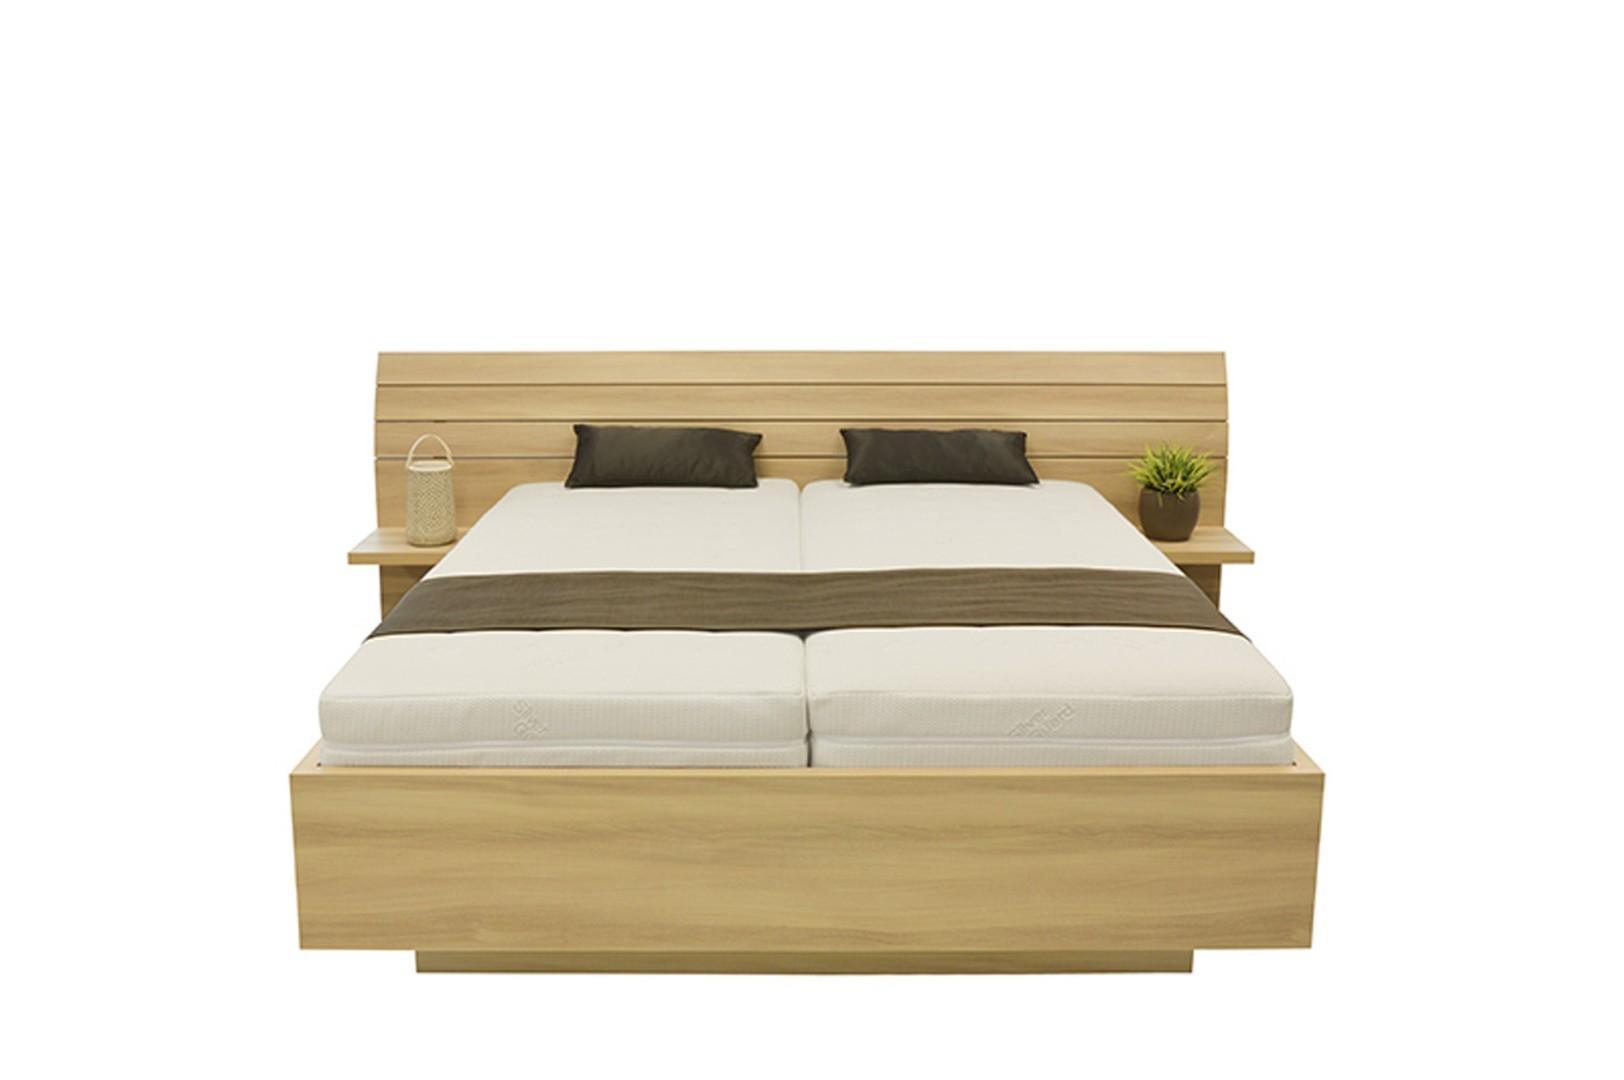 Ahorn SALINA - dvoulůžková postel s širokým čelem 140 x 200 cm dekor akát, 38 mm lamino